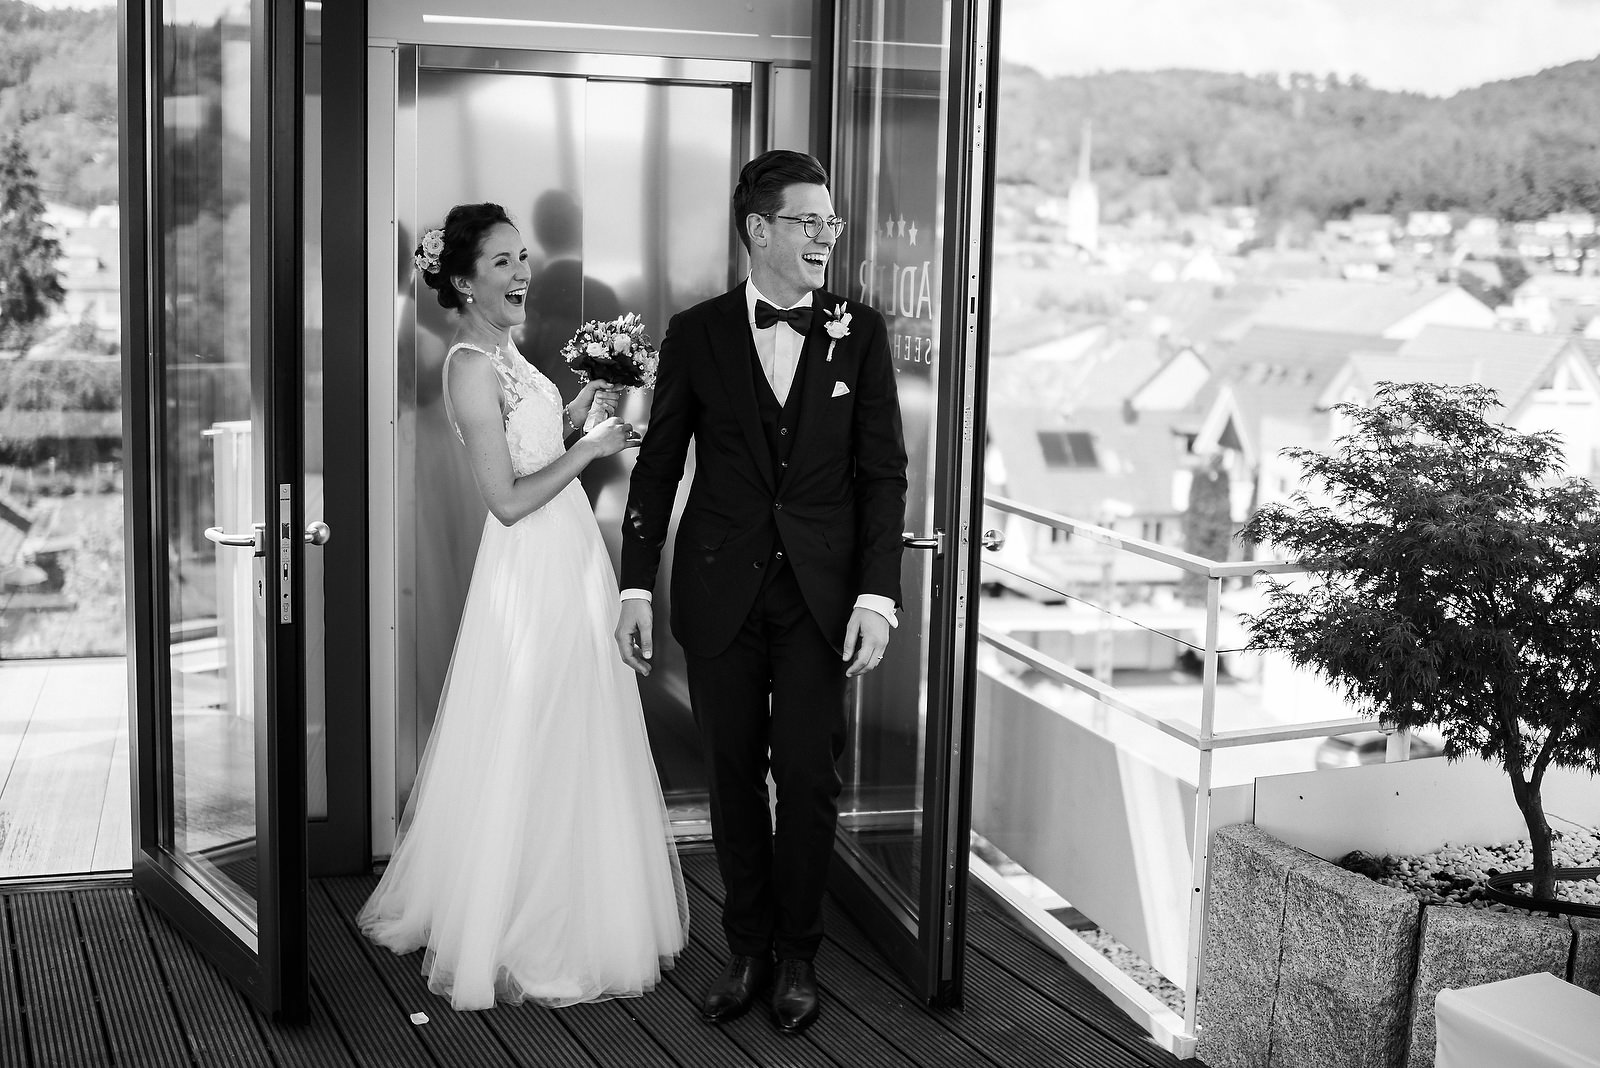 Fotograf Konstanz - Hochzeitsfotograf Bodensee Zollhaus Ludwigshafen Hochzeit Konstanz EFP 035 - Hochzeitsreportage im Zollhaus in Bodman-Ludwigshafen, Bodensee  - 167 -